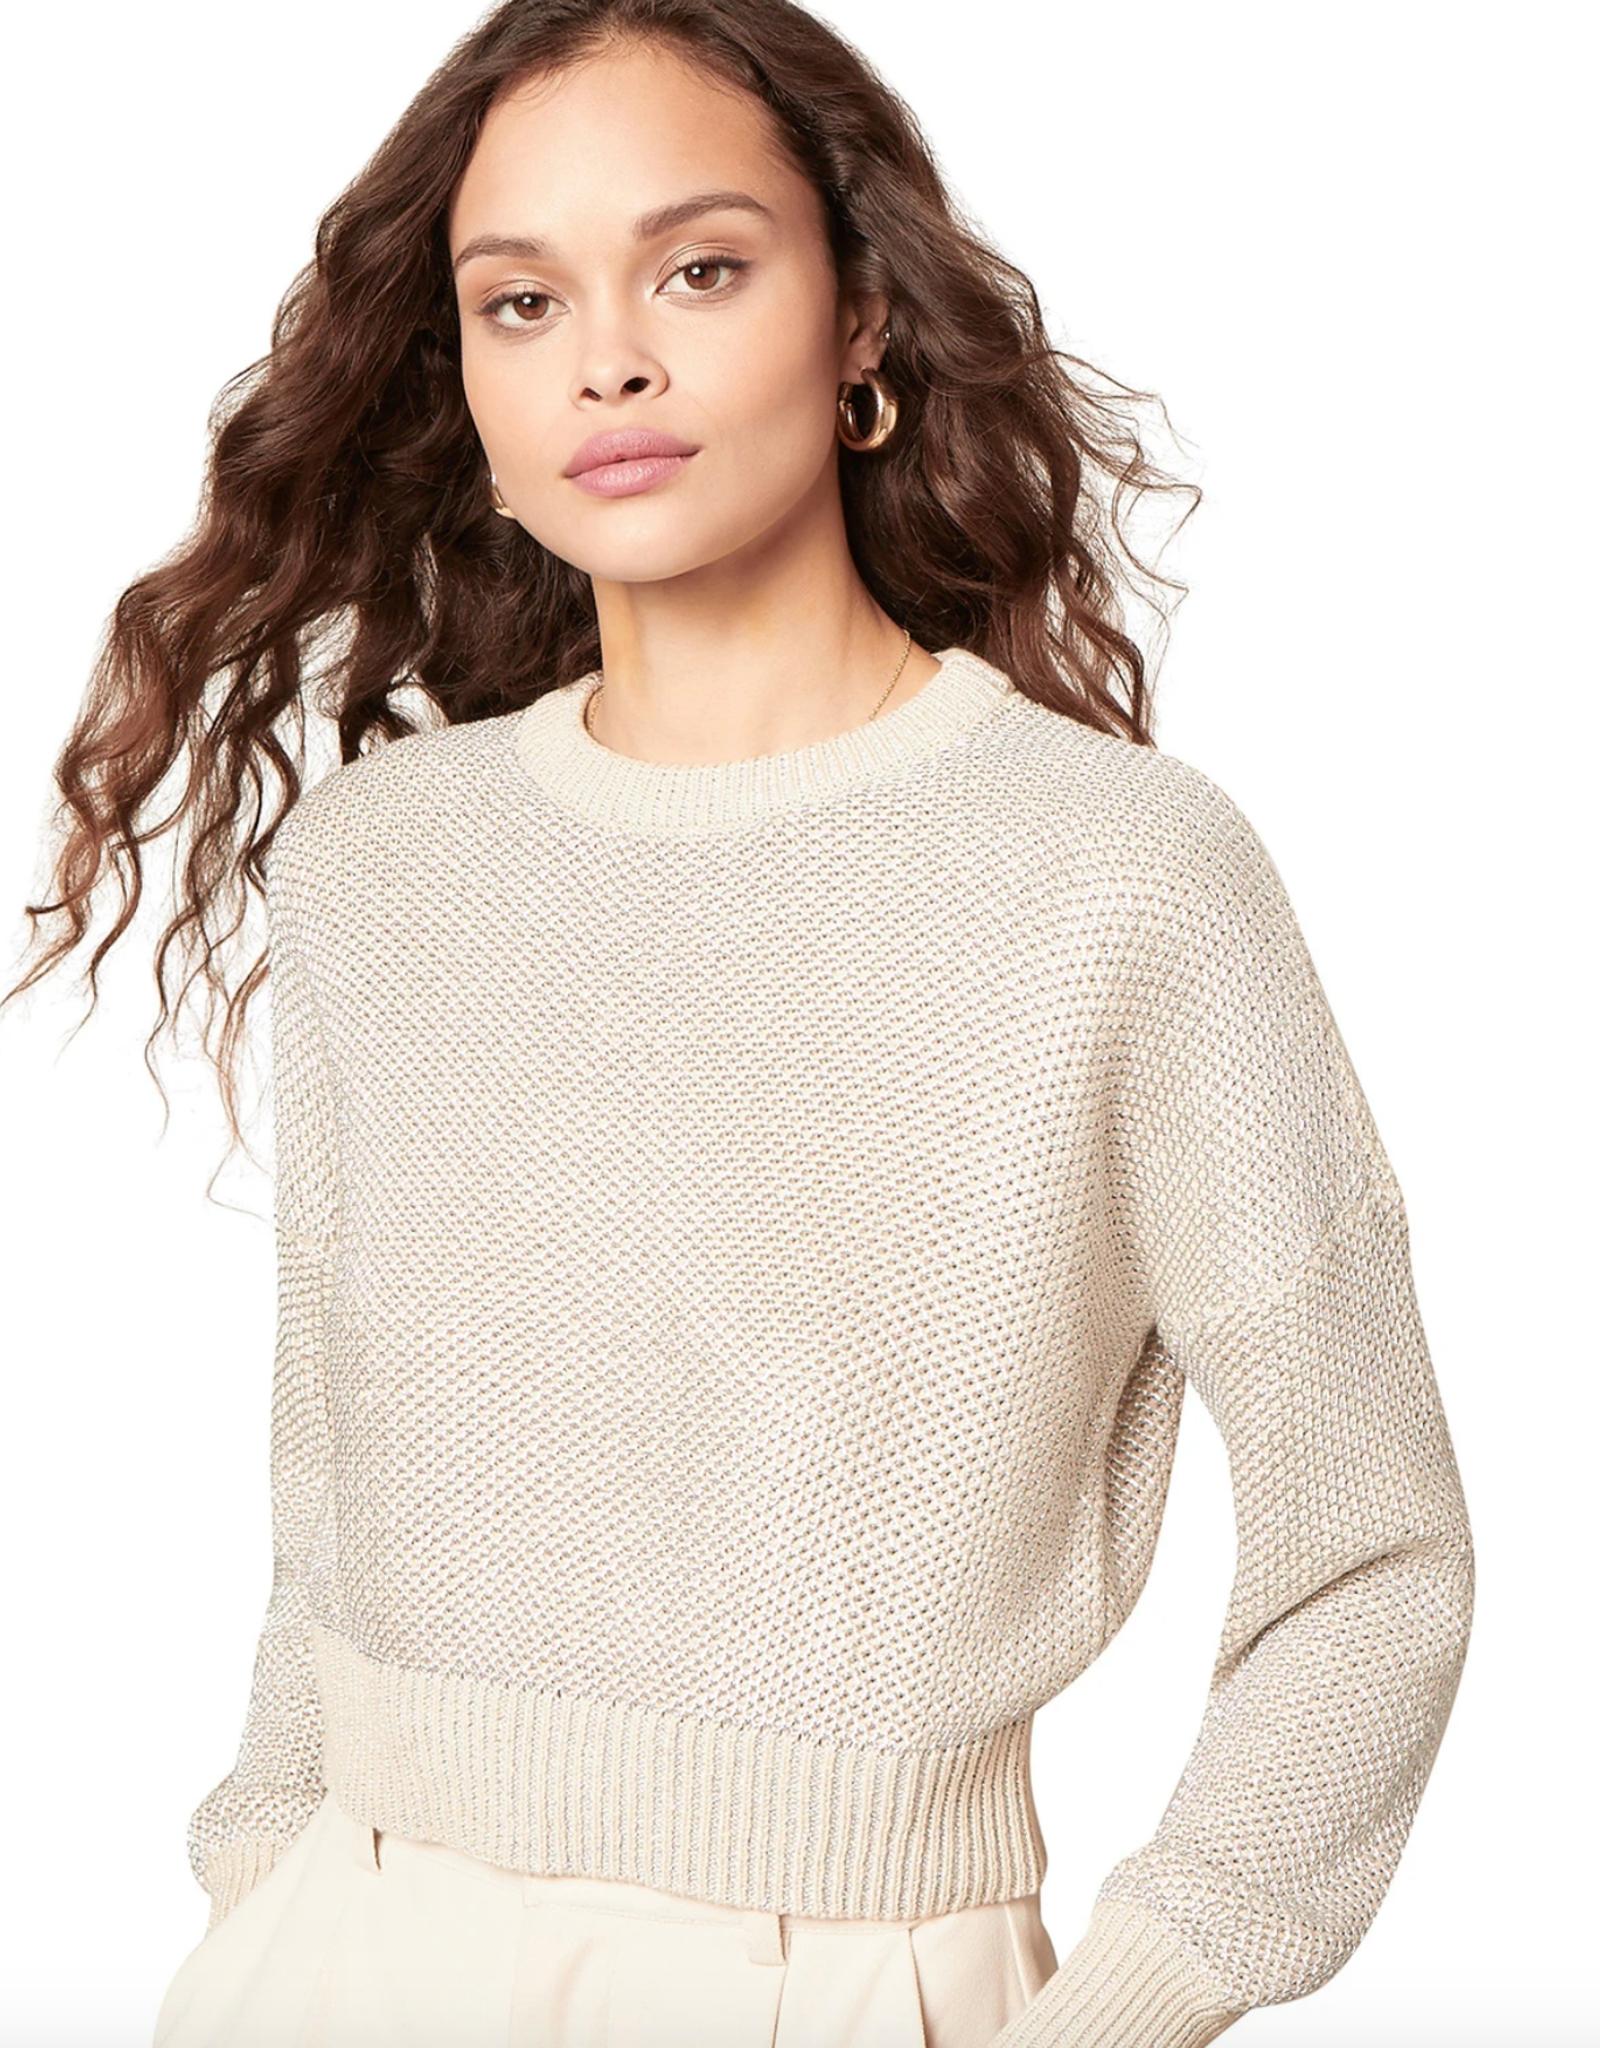 BB Dakota Heat Is On Sweater